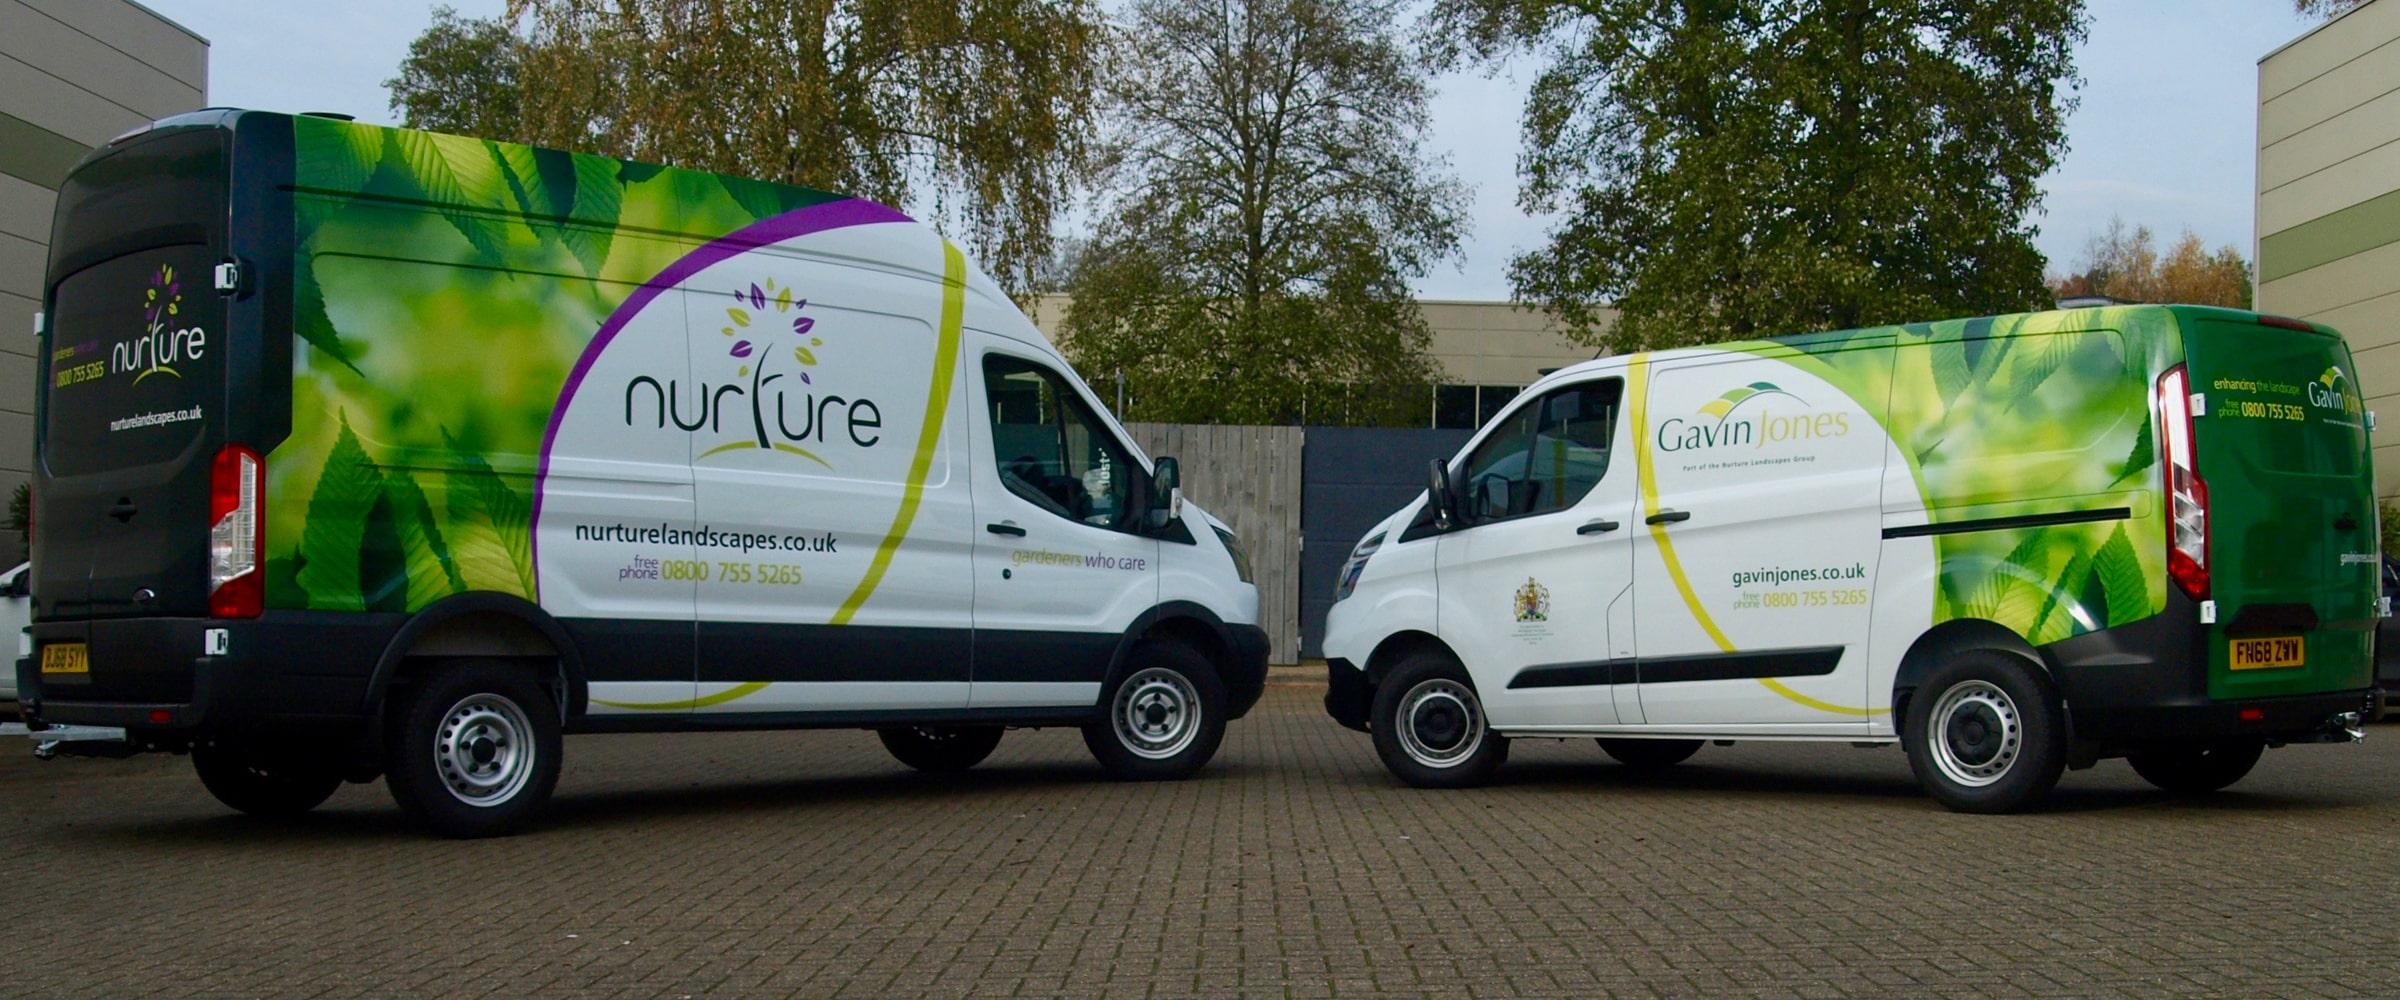 Nuture Landscapes branded vehicles